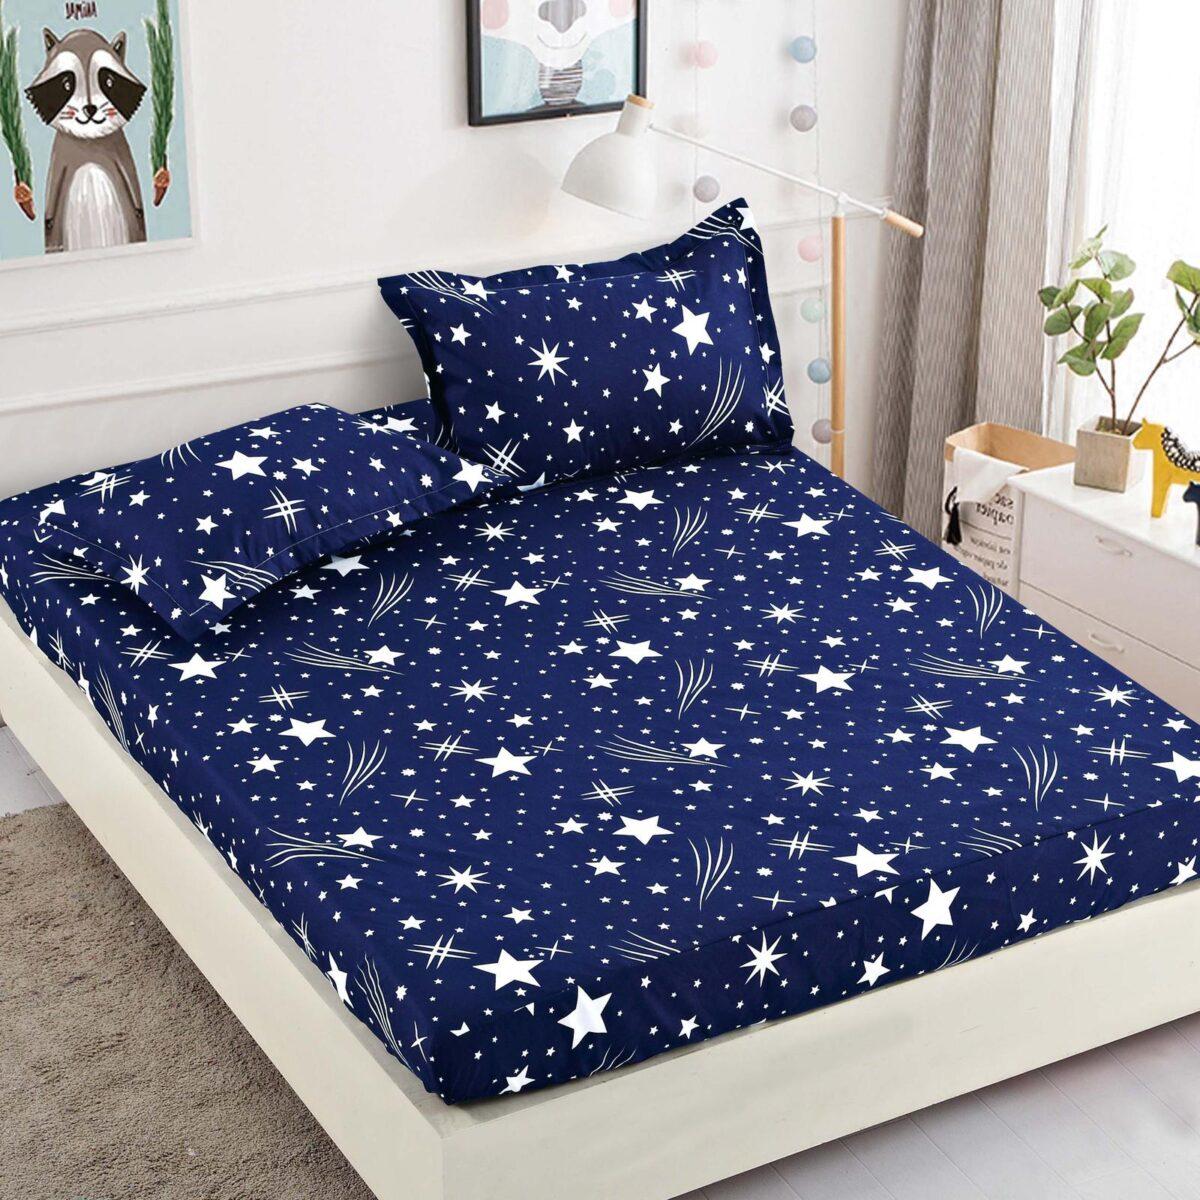 Husa cu elastic albastru cu stelute albe